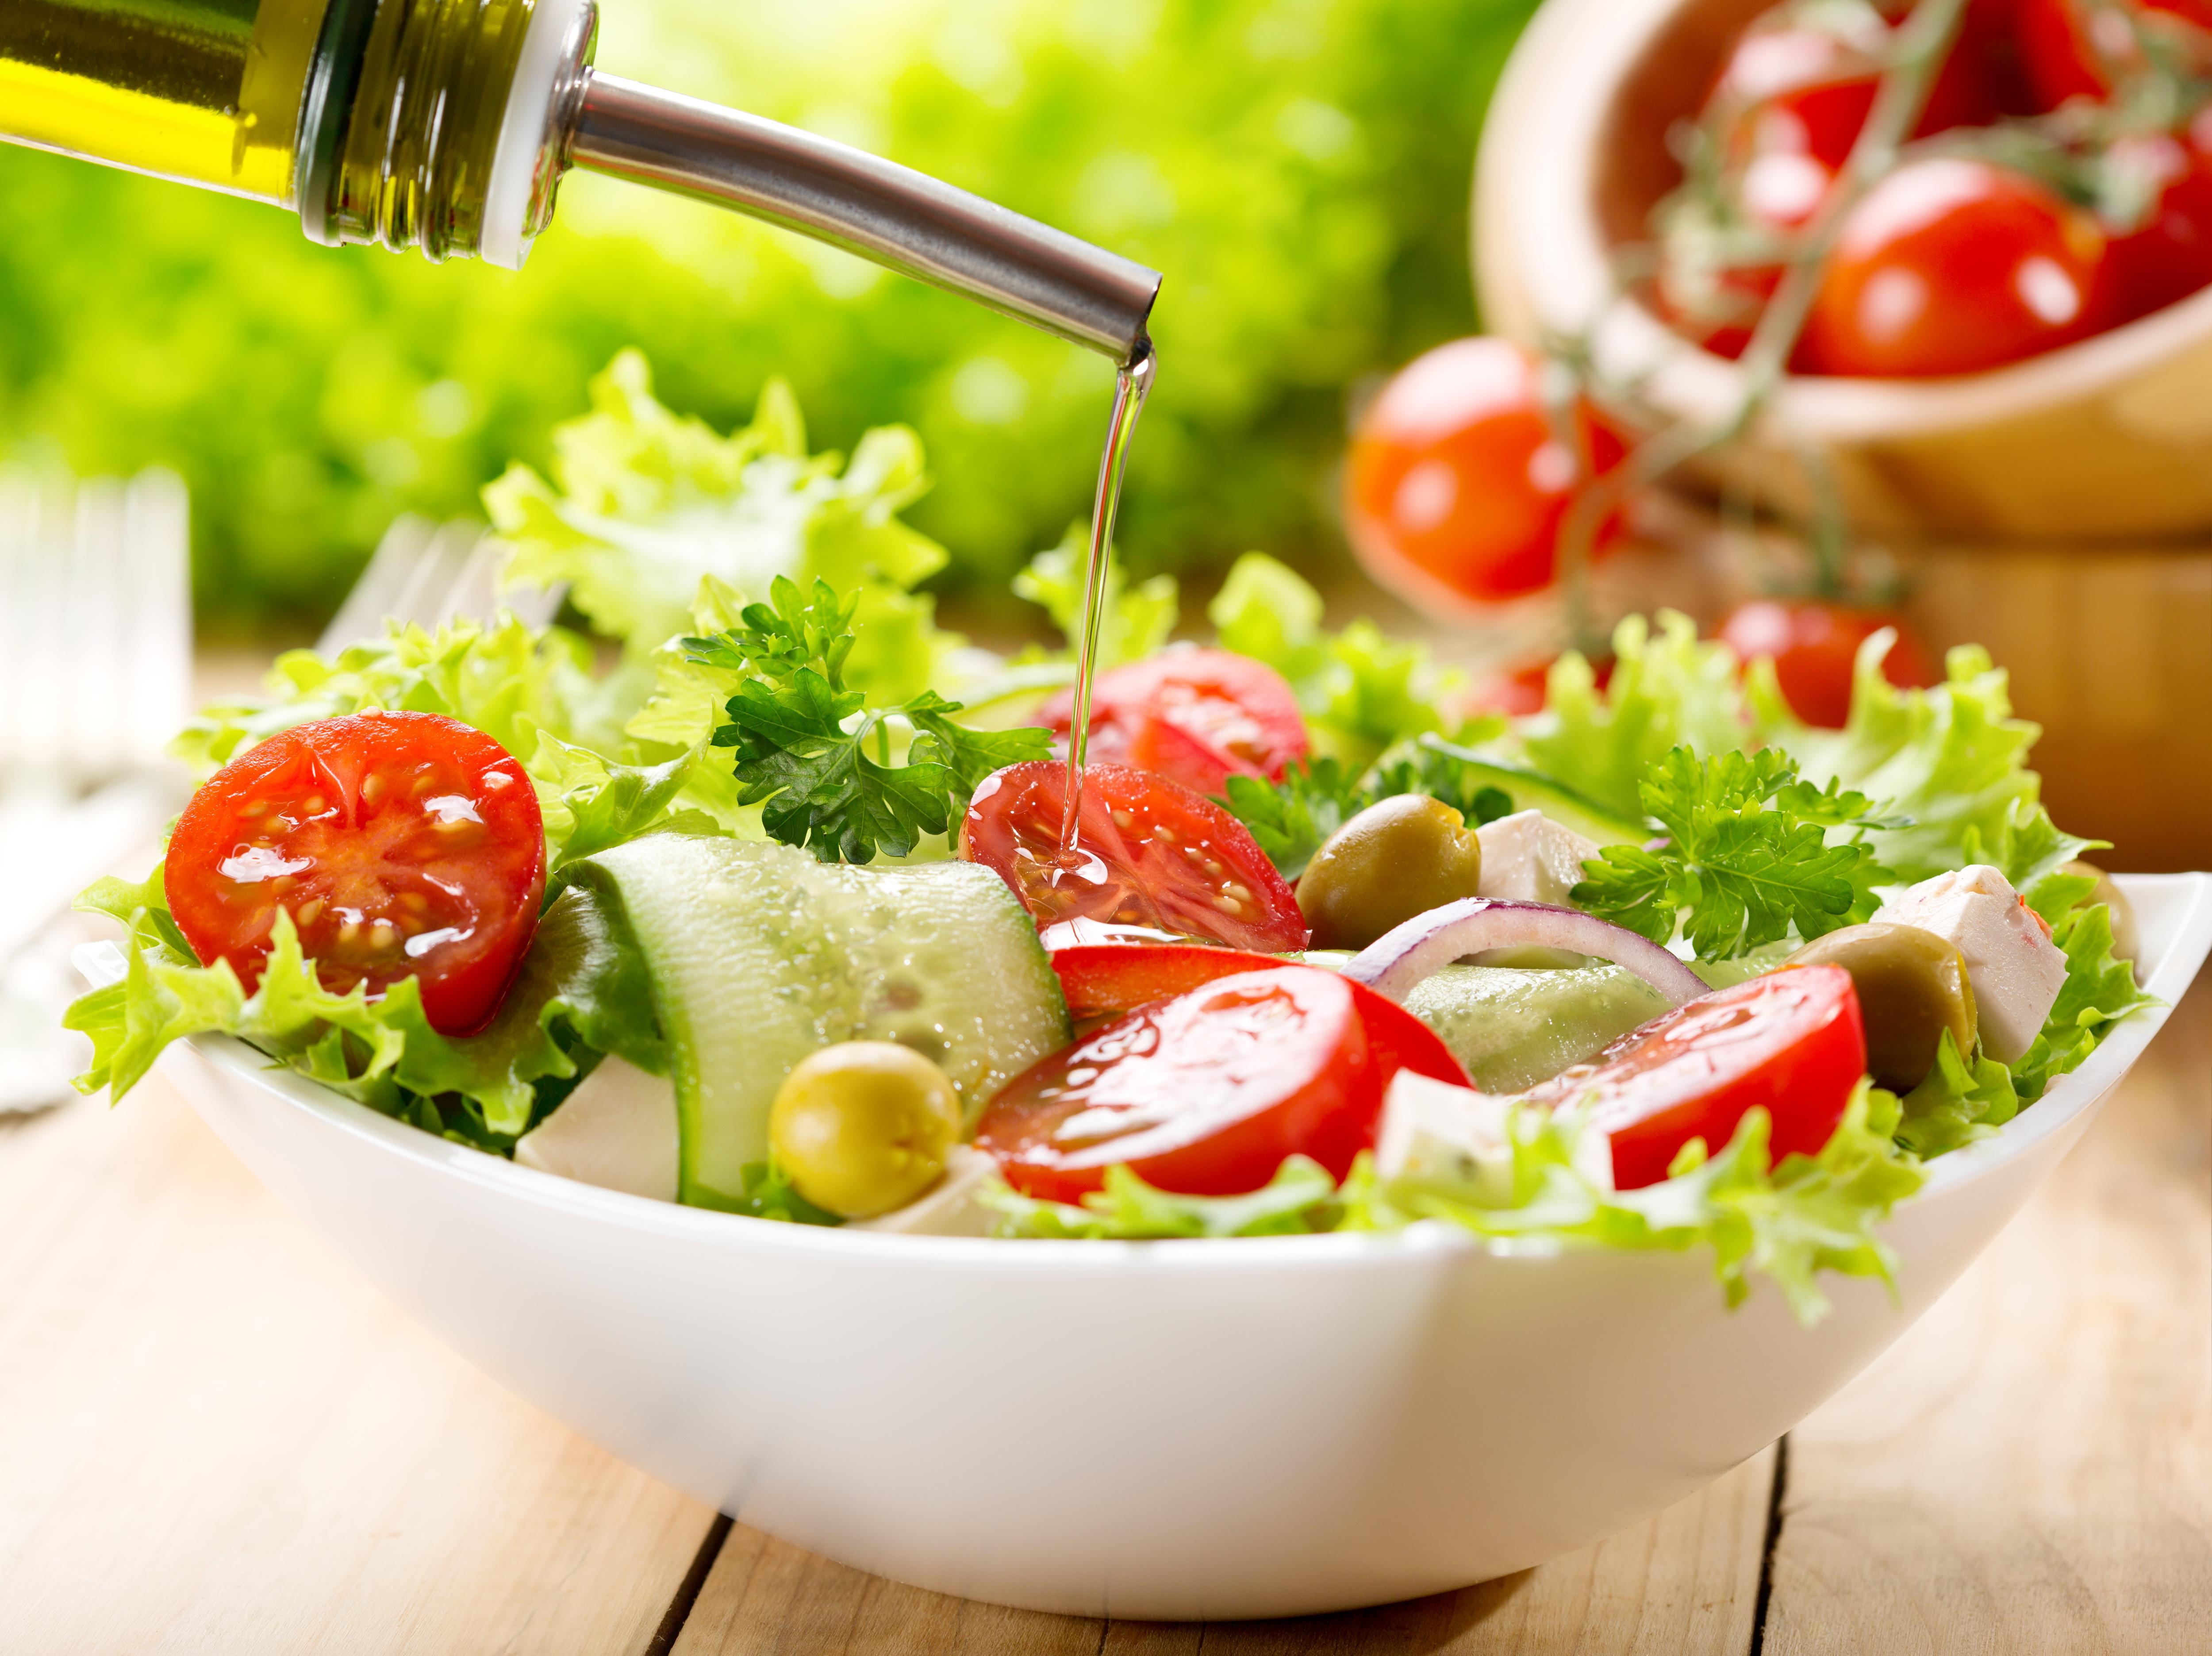 As melhores dietas recomendam ingerir mais vegetais, grãos integrais, entre outros alimentos saudáveis. (Foto Ilustrativa)